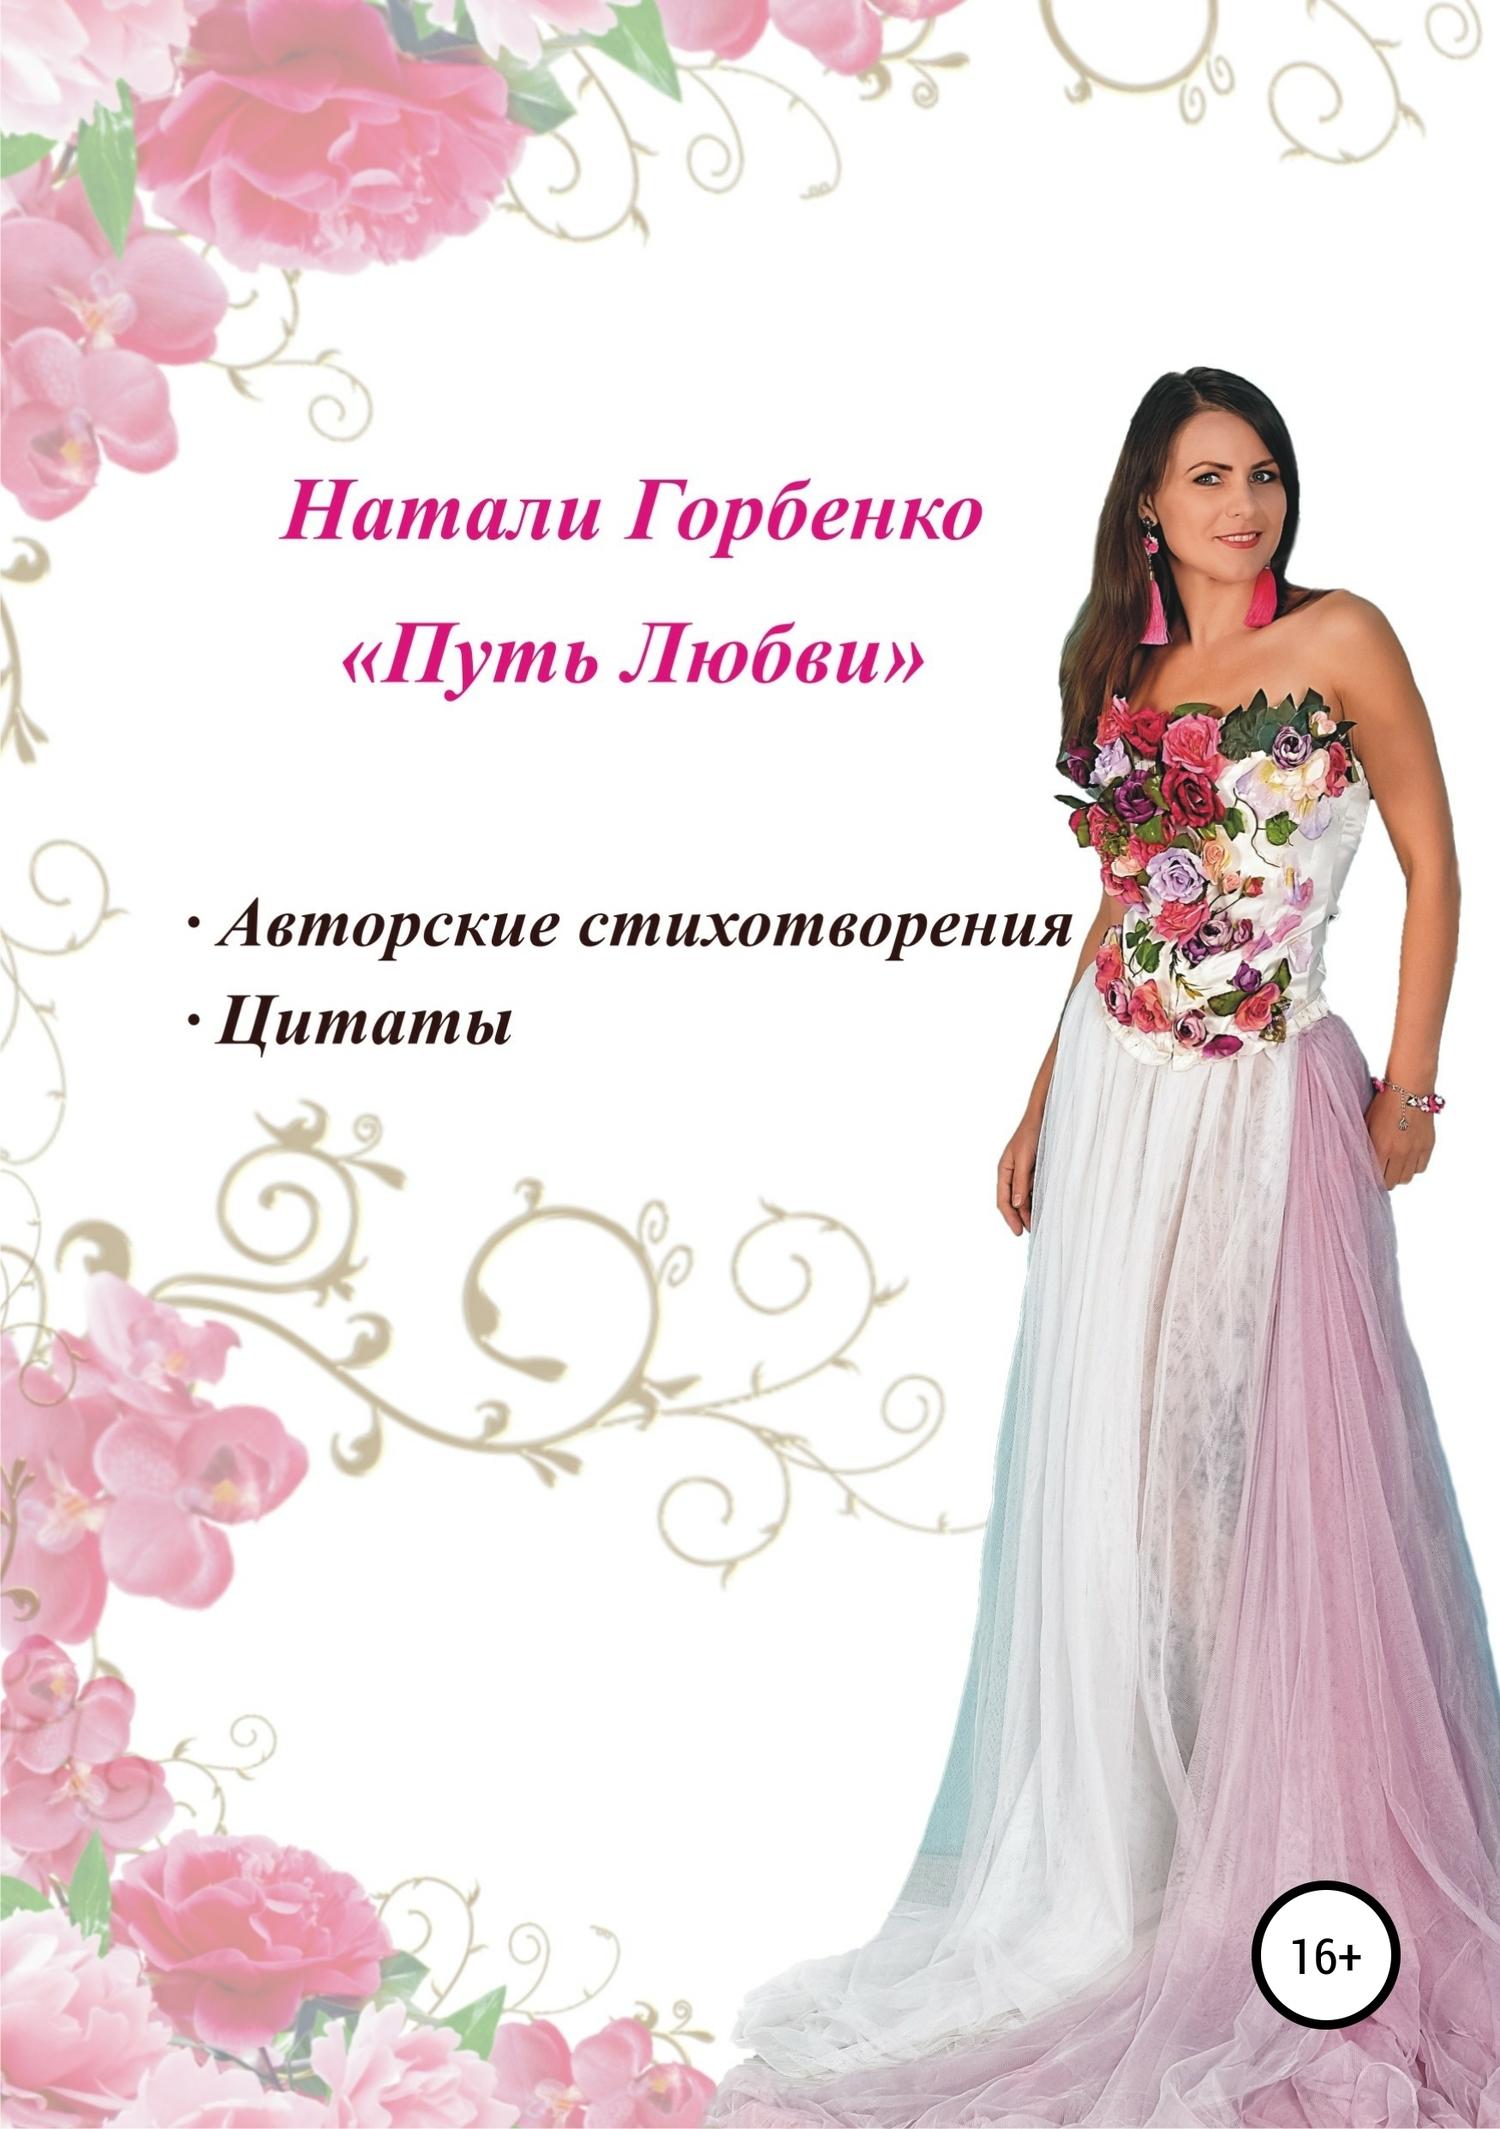 Наталия Горбенко, Евгения Конева - Путь любви